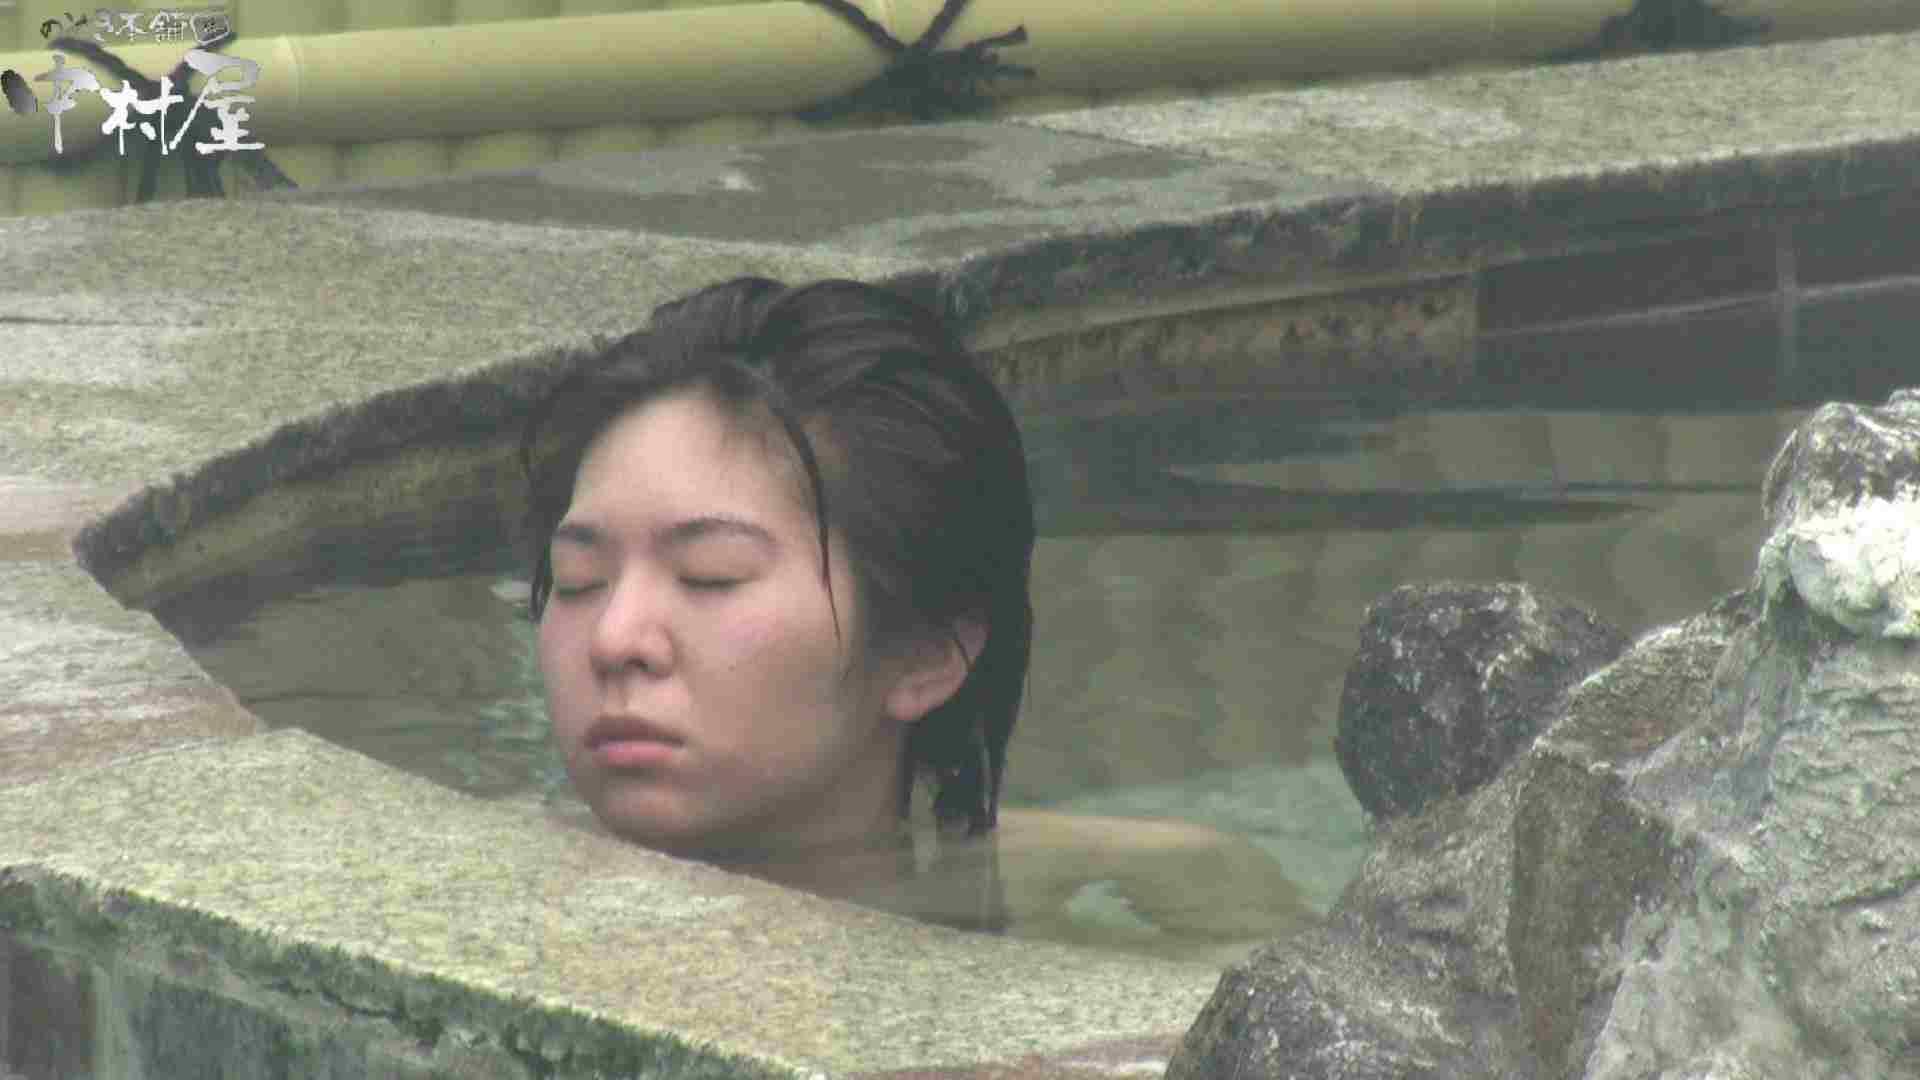 Aquaな露天風呂Vol.907 盗撮   OLのエロ生活  62連発 37